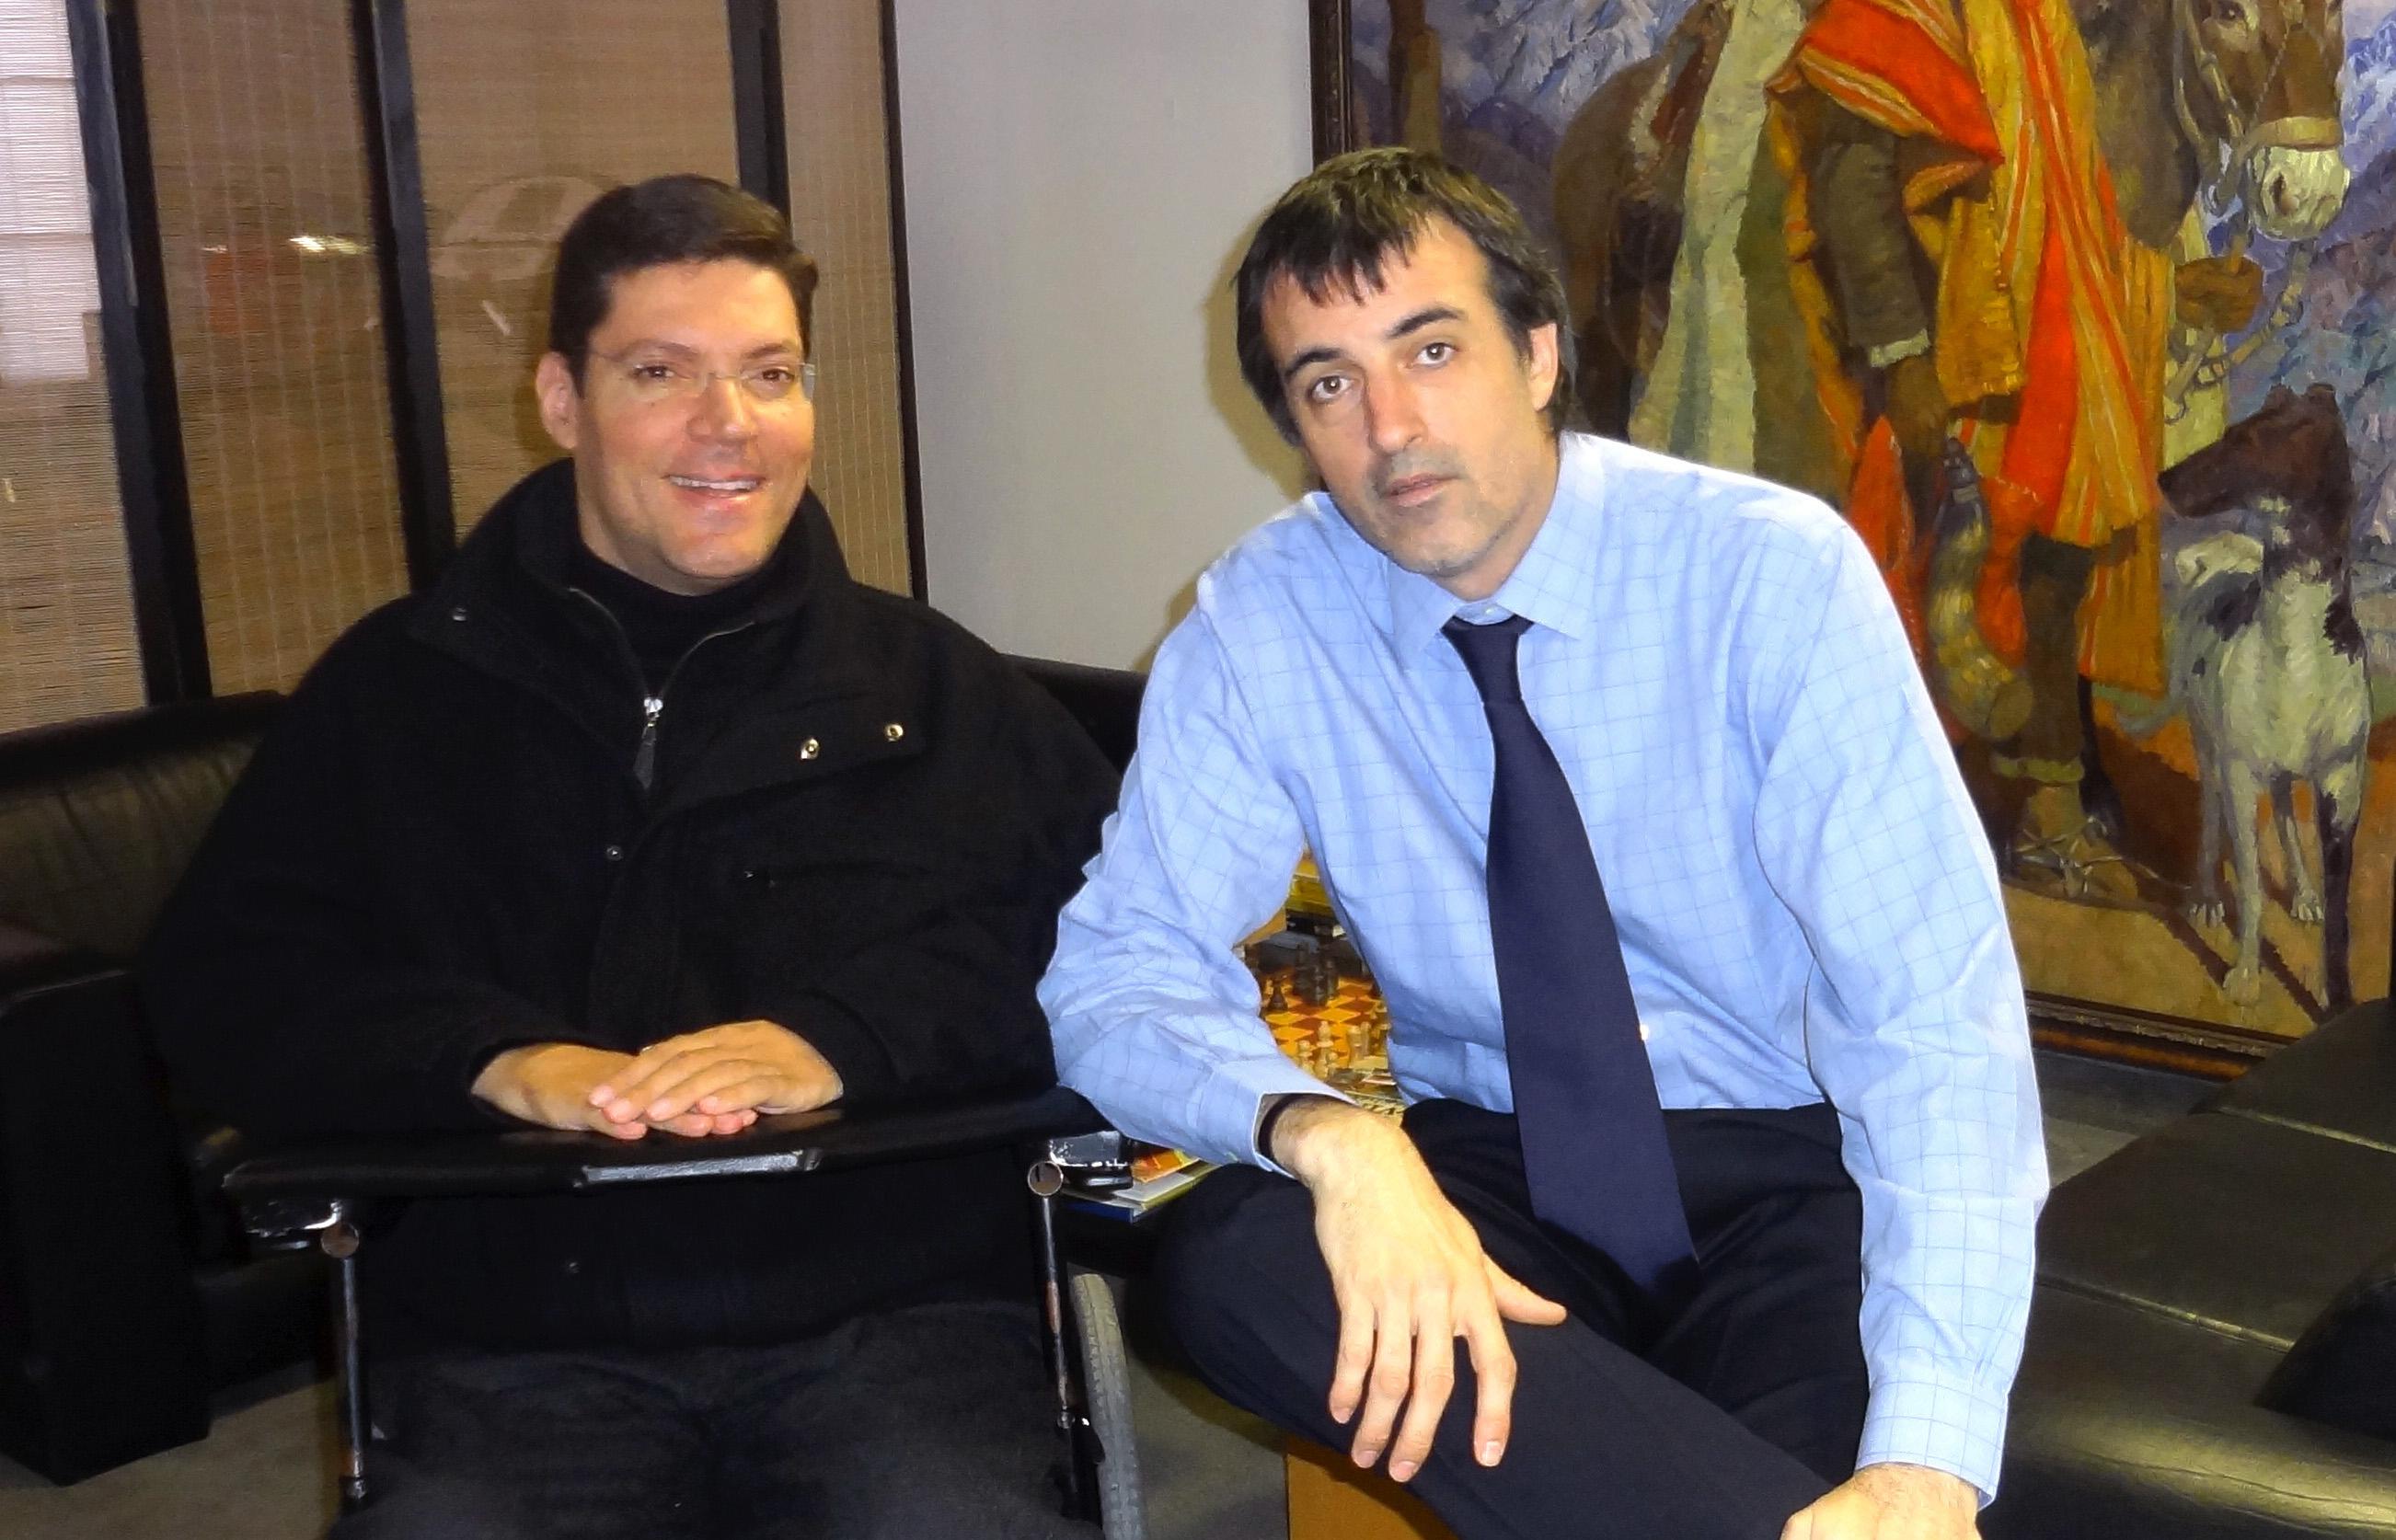 Rodrigo sorri para foto ao lado de homem vestido em traje social. Eles estão em um escritório e posicionados a frente de um quadro abstrato e colorido.